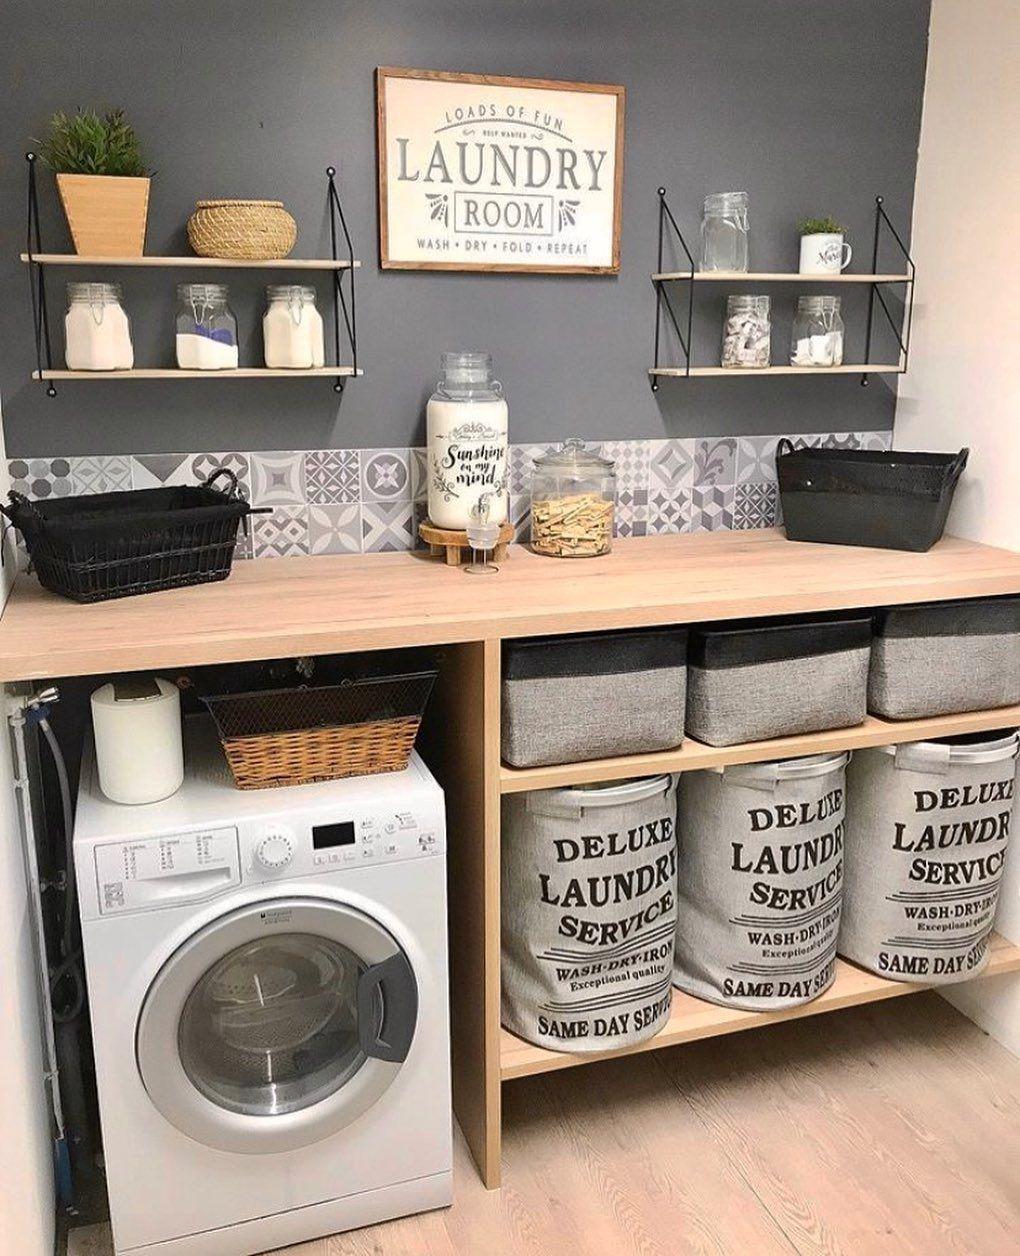 Desain Interior Laundry Room Minimalis Dengan Ubin Motif Yang